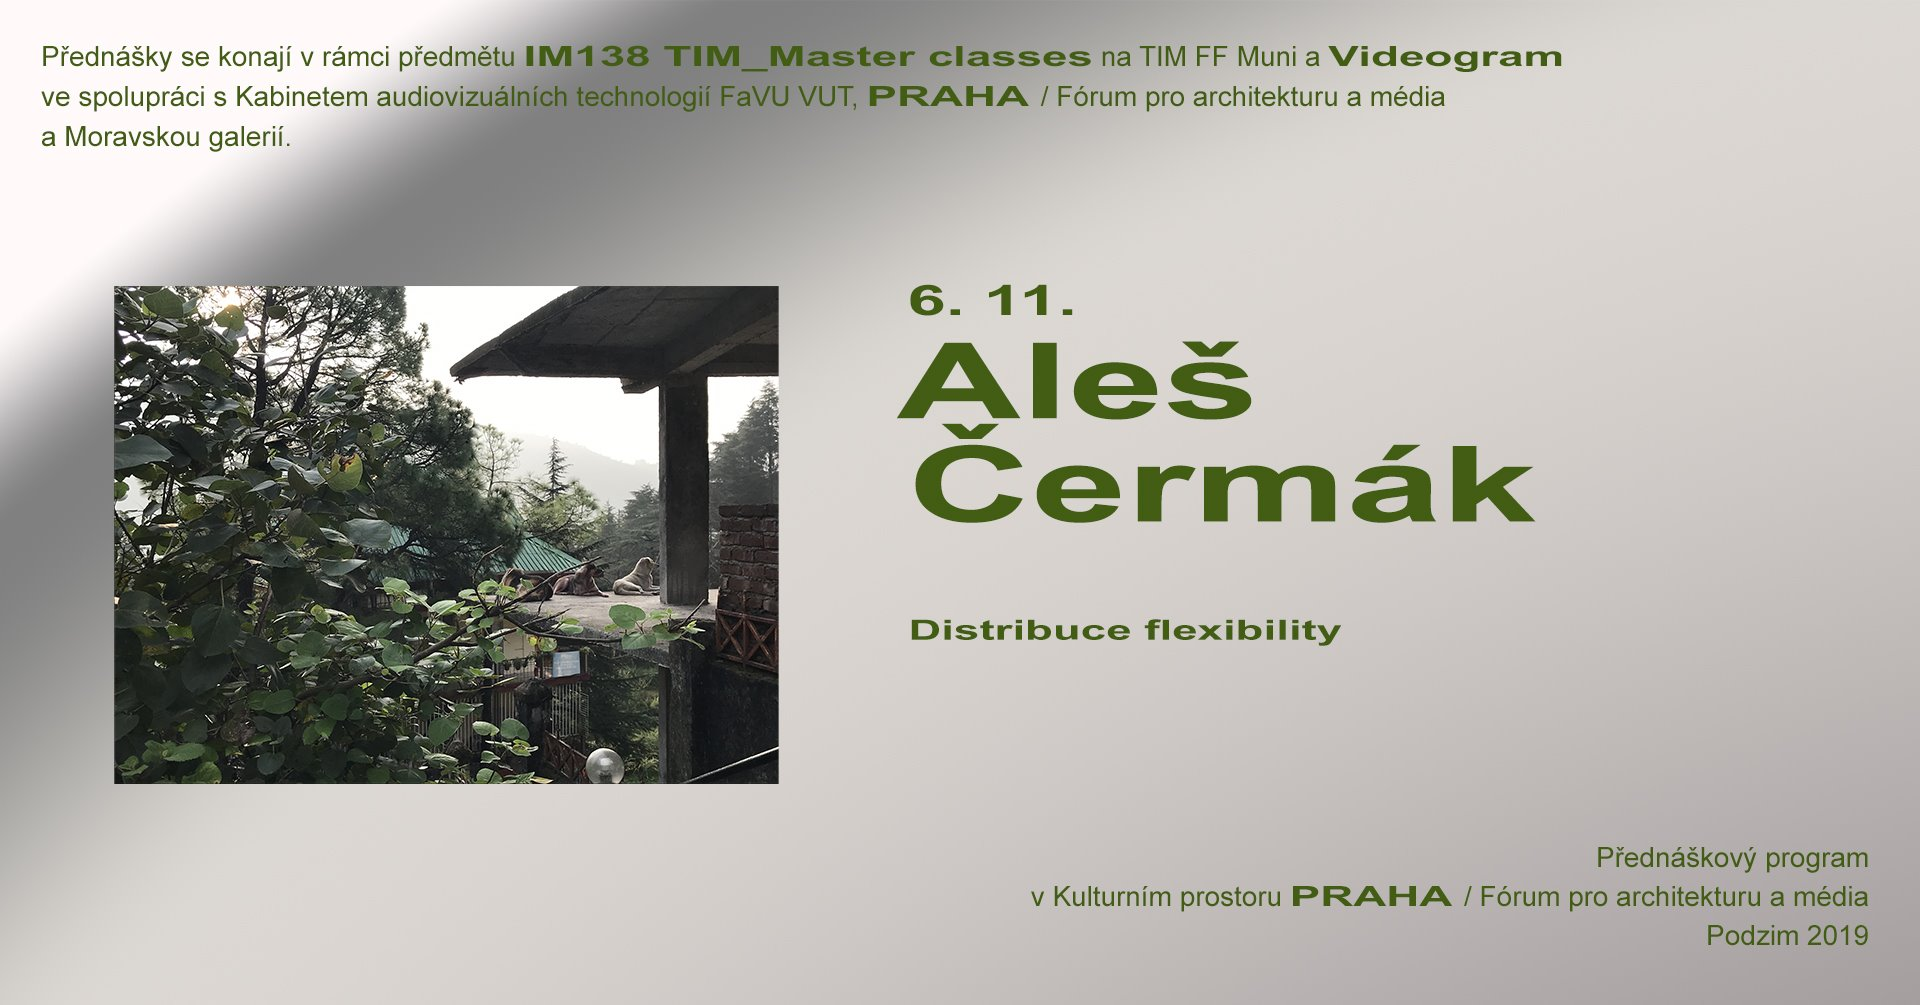 ST / 6.11. / 19.00 / TIM Master class / Videogram 92: Aleš Čermák – Distribuce flexibility / projekce, diskuse